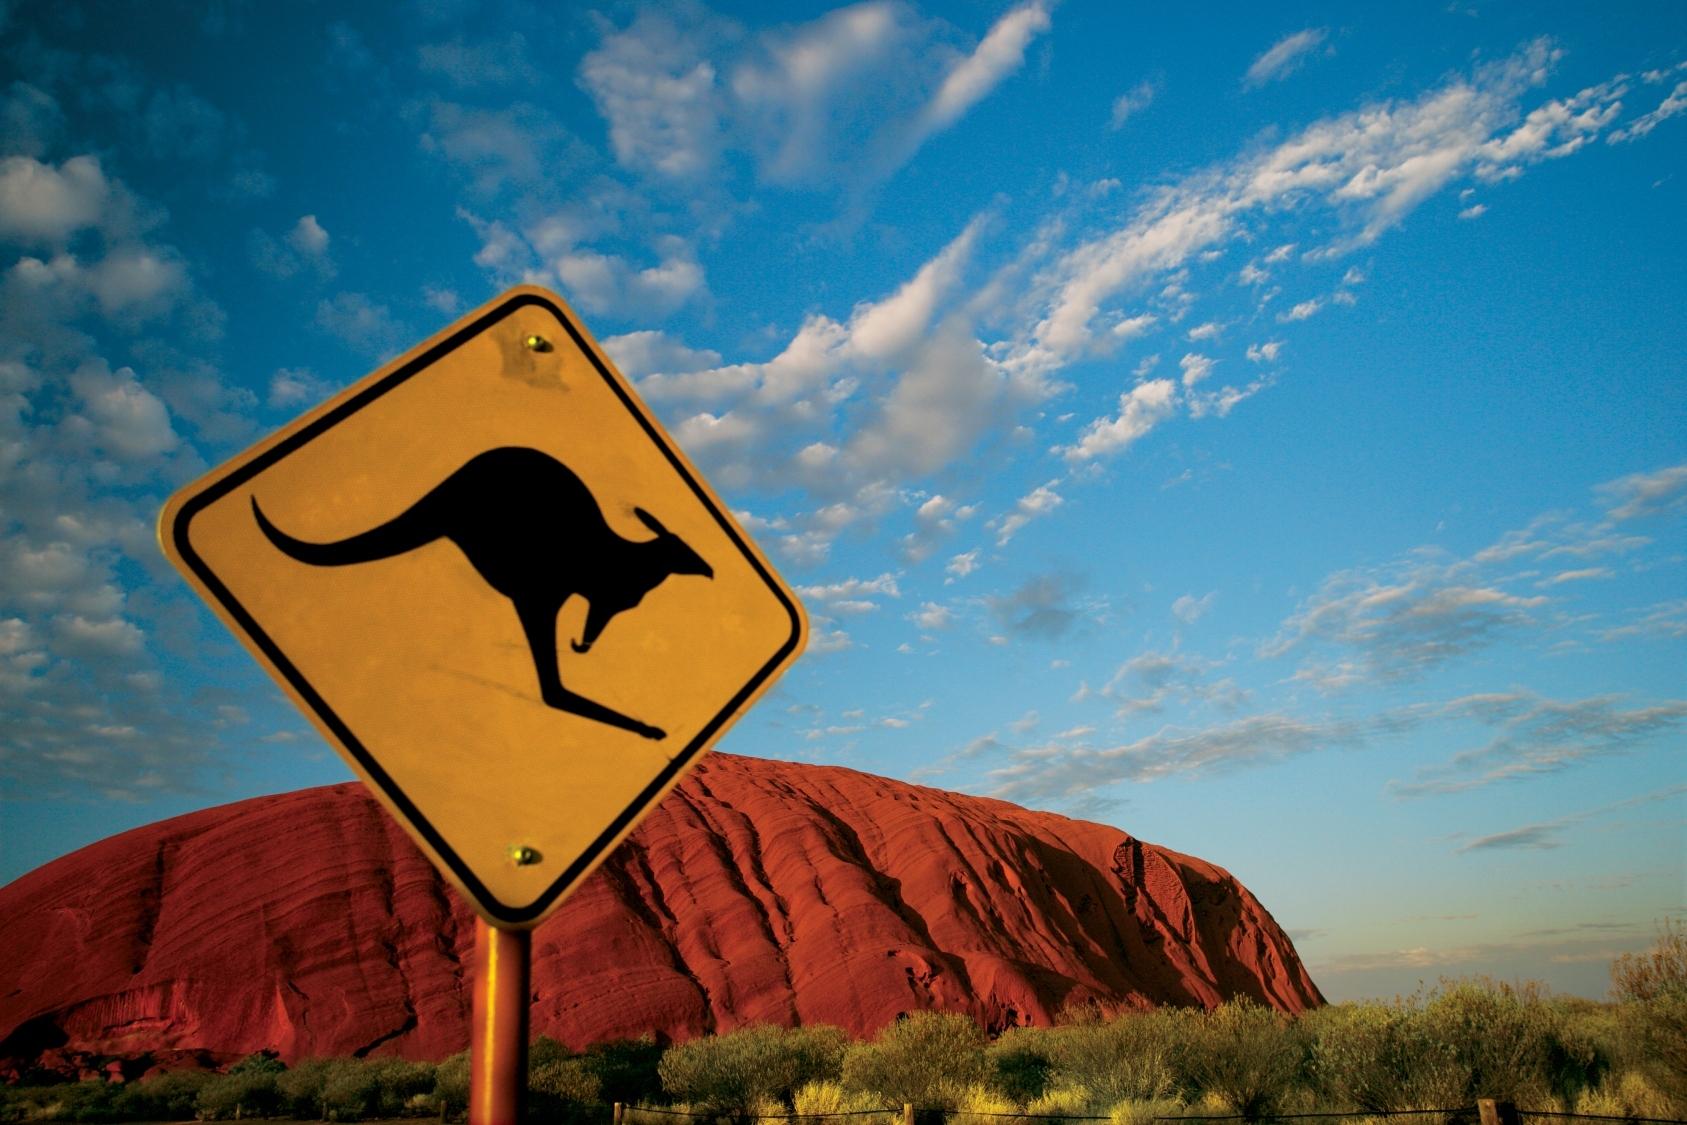 Australia Turista Tedesco Si Perde E Sopravvive 10 Giorni Mangiando